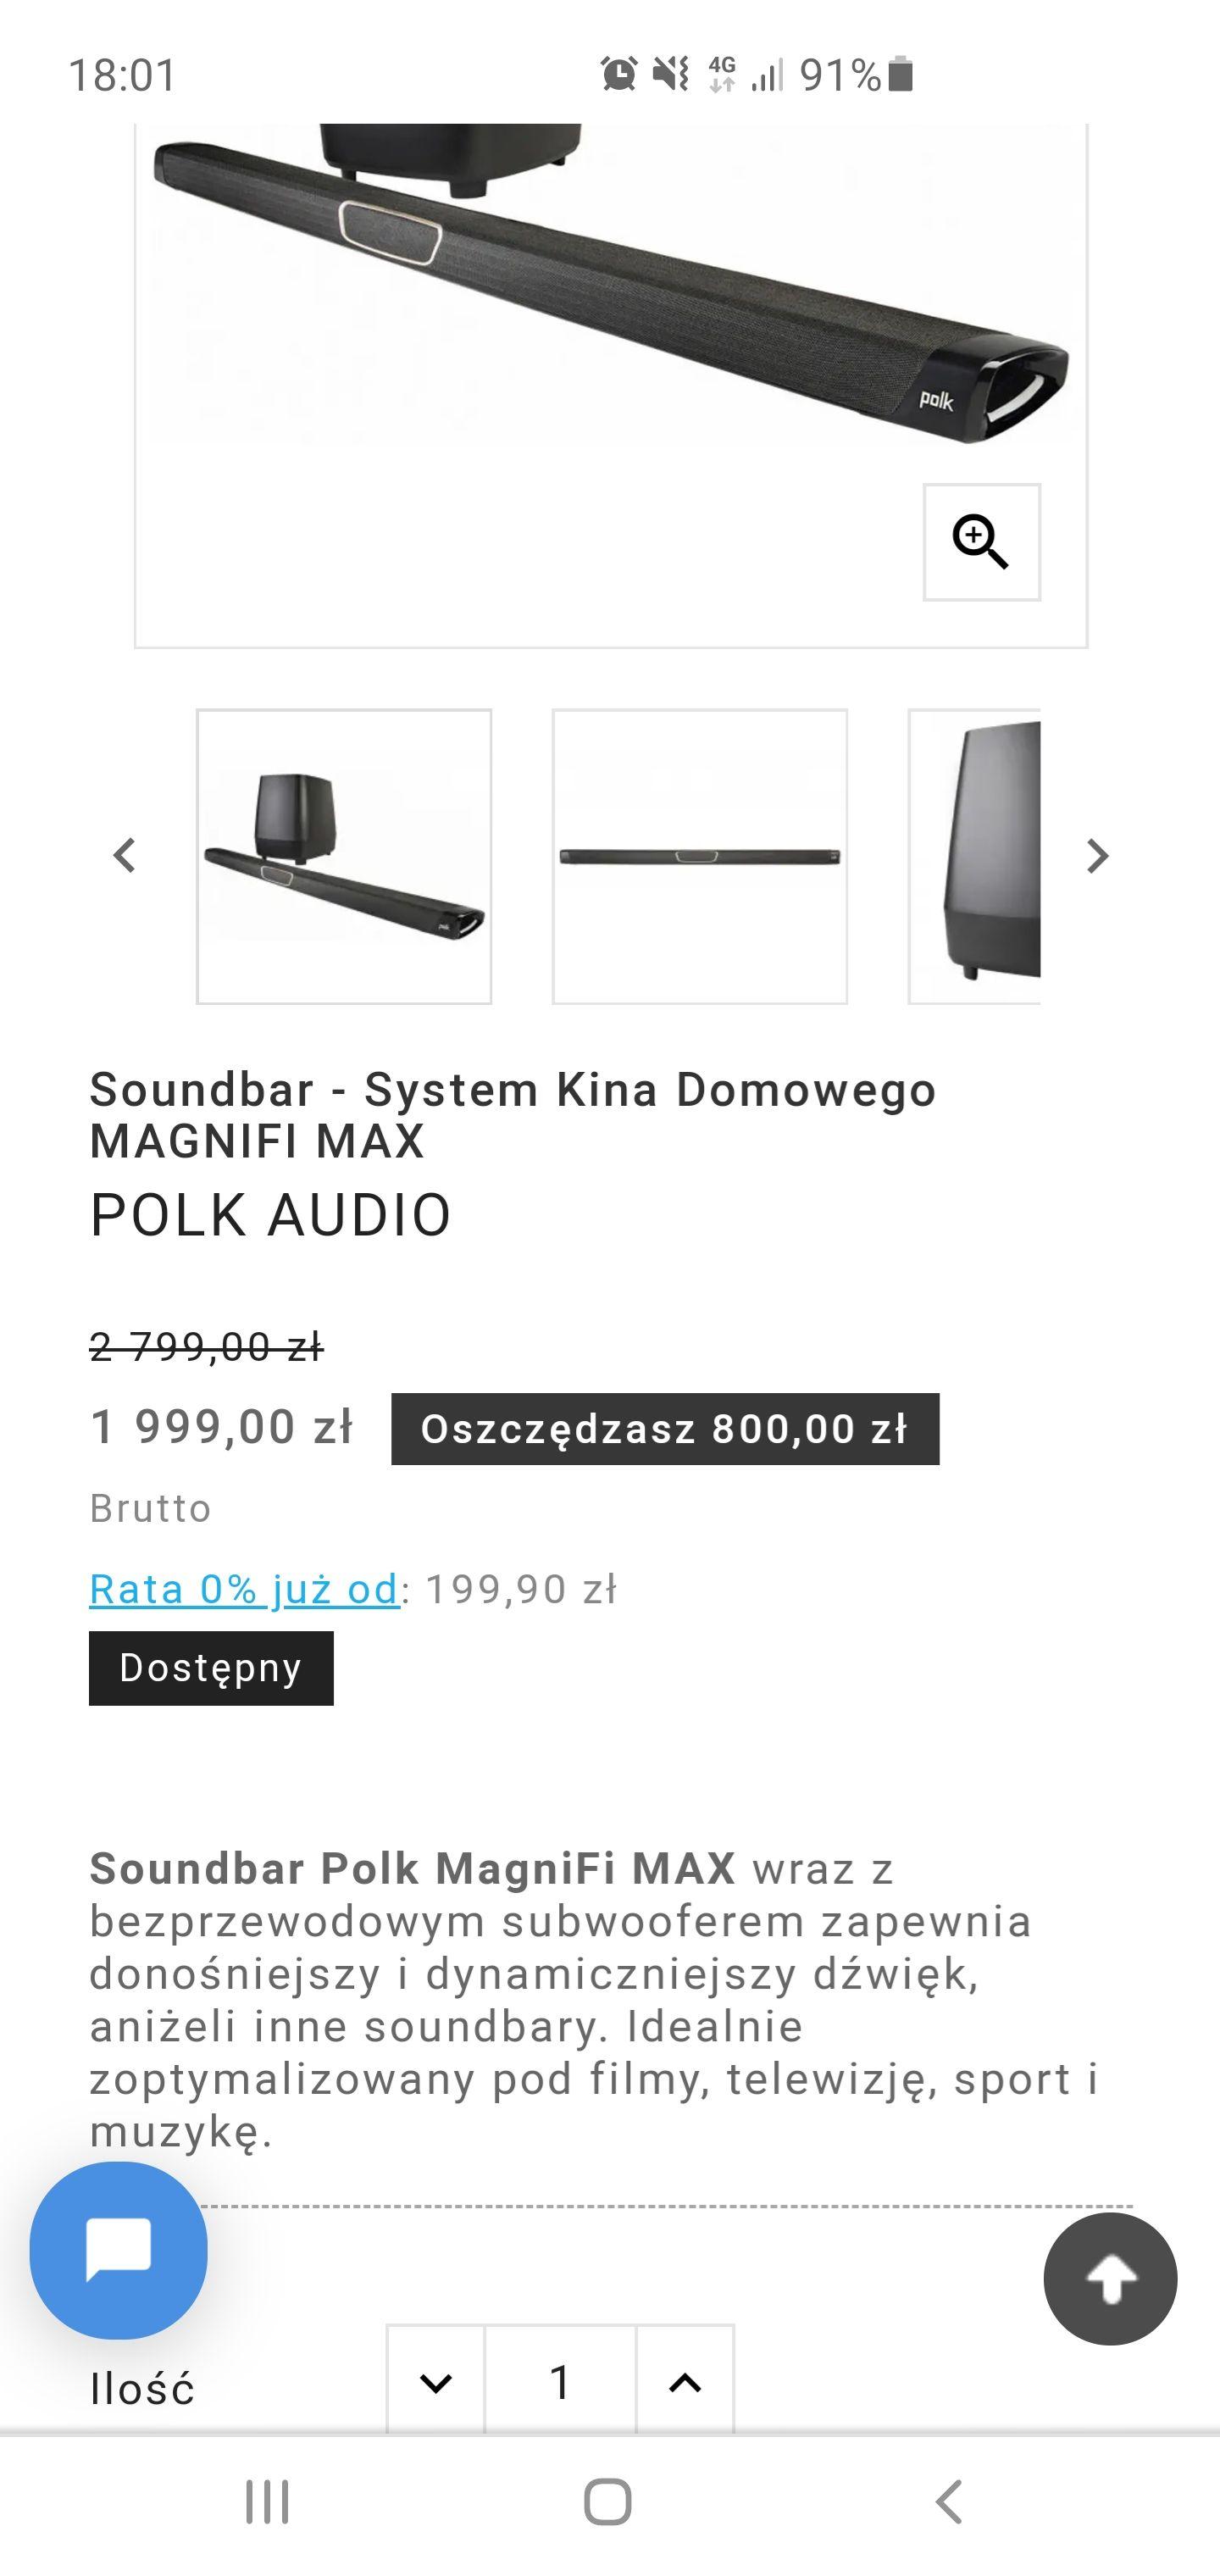 Soundbar Polk Audio Magnifi Max 800 pln taniej